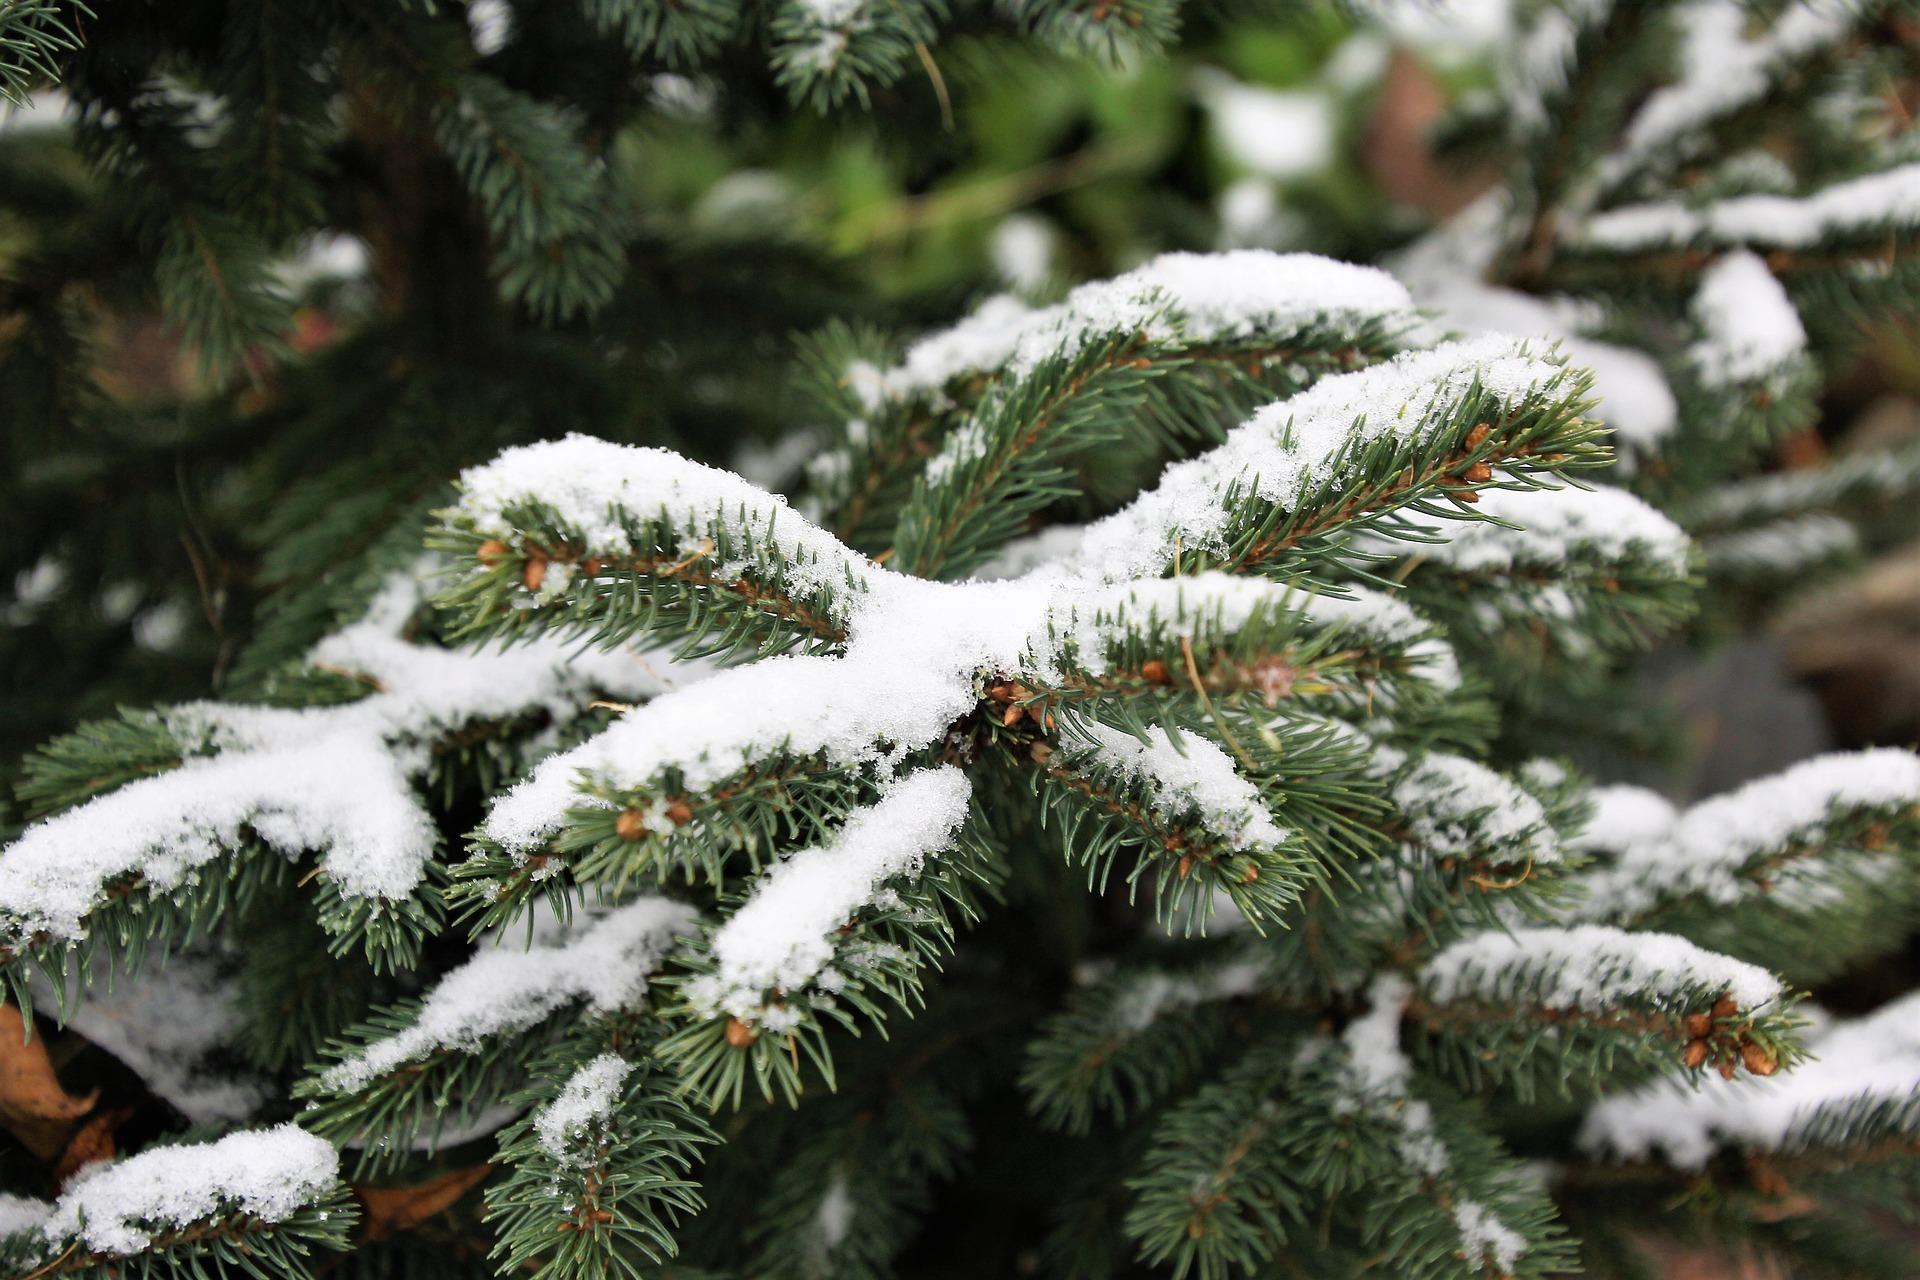 Młode odnóżki możemy zdjąć ze stelaża i przygiąć ziemi, przykrywając agrowłókniną lub stroiszczem z drzew iglastych